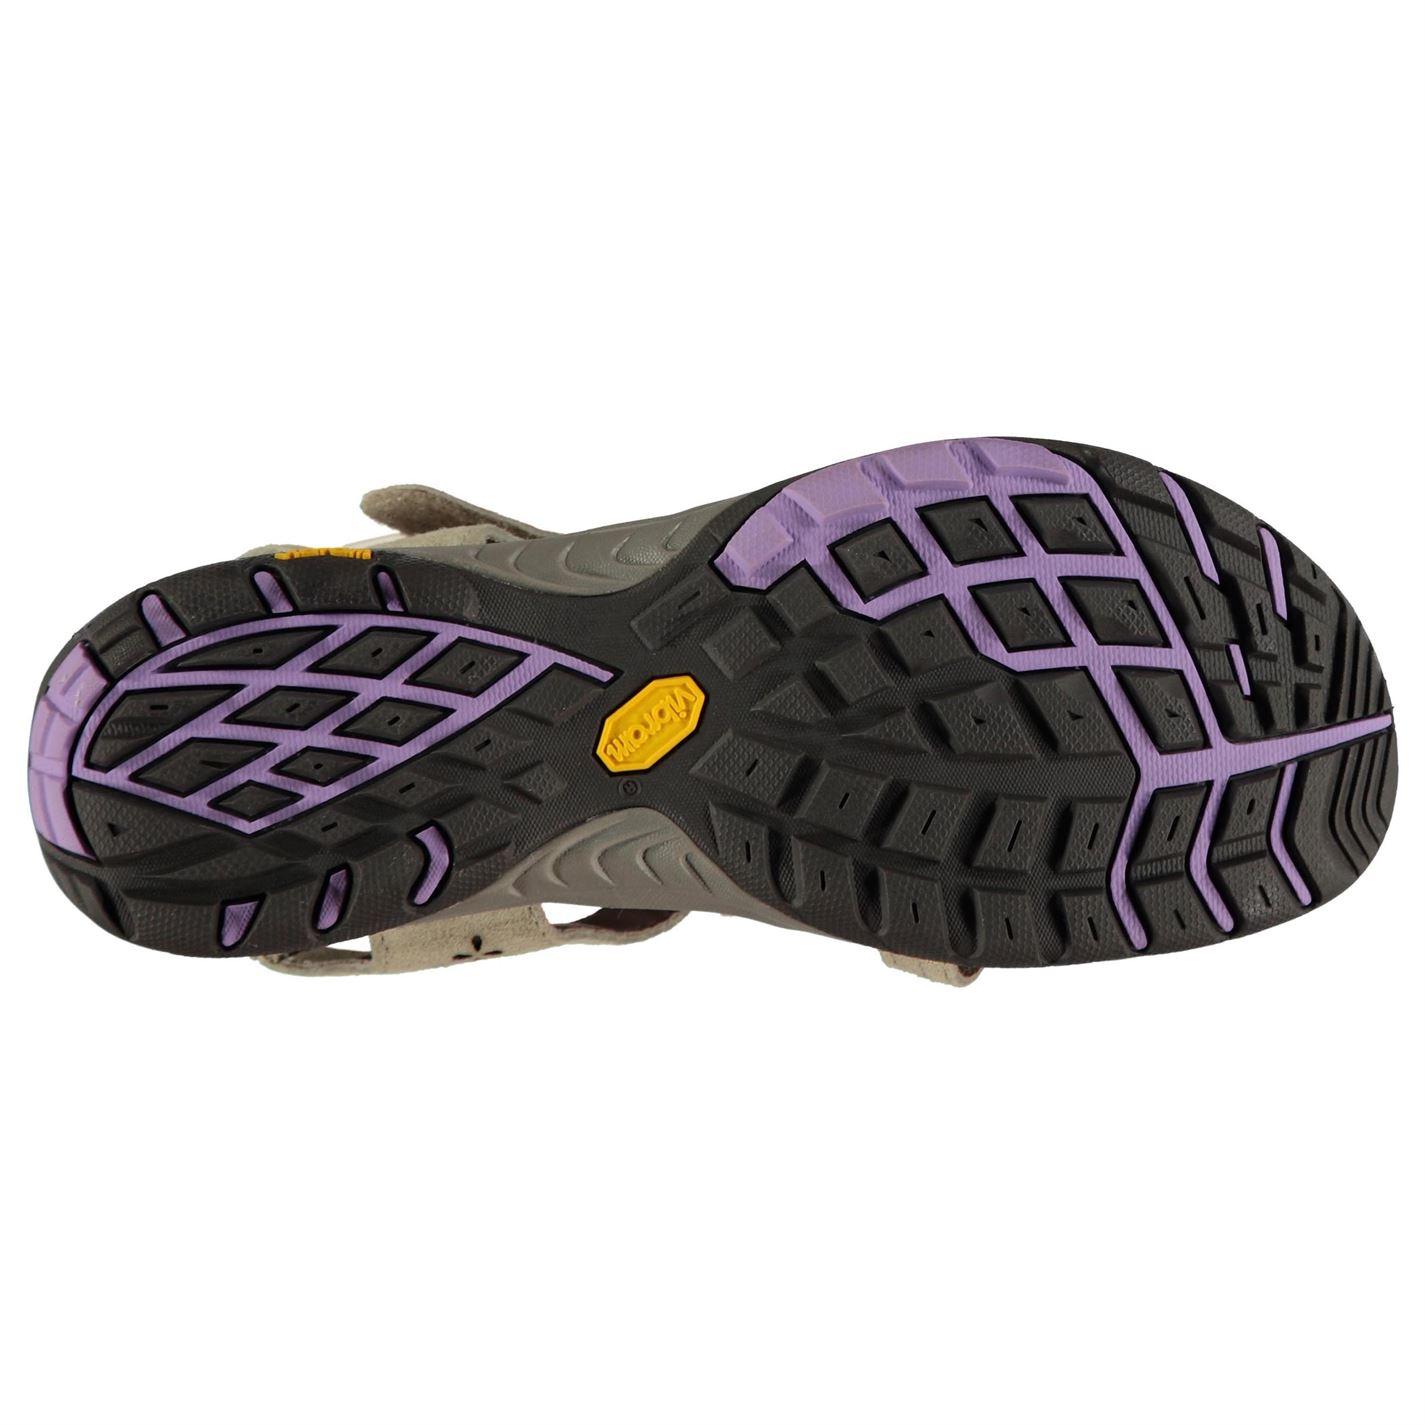 Karrimor Tobago Ladies Sandals